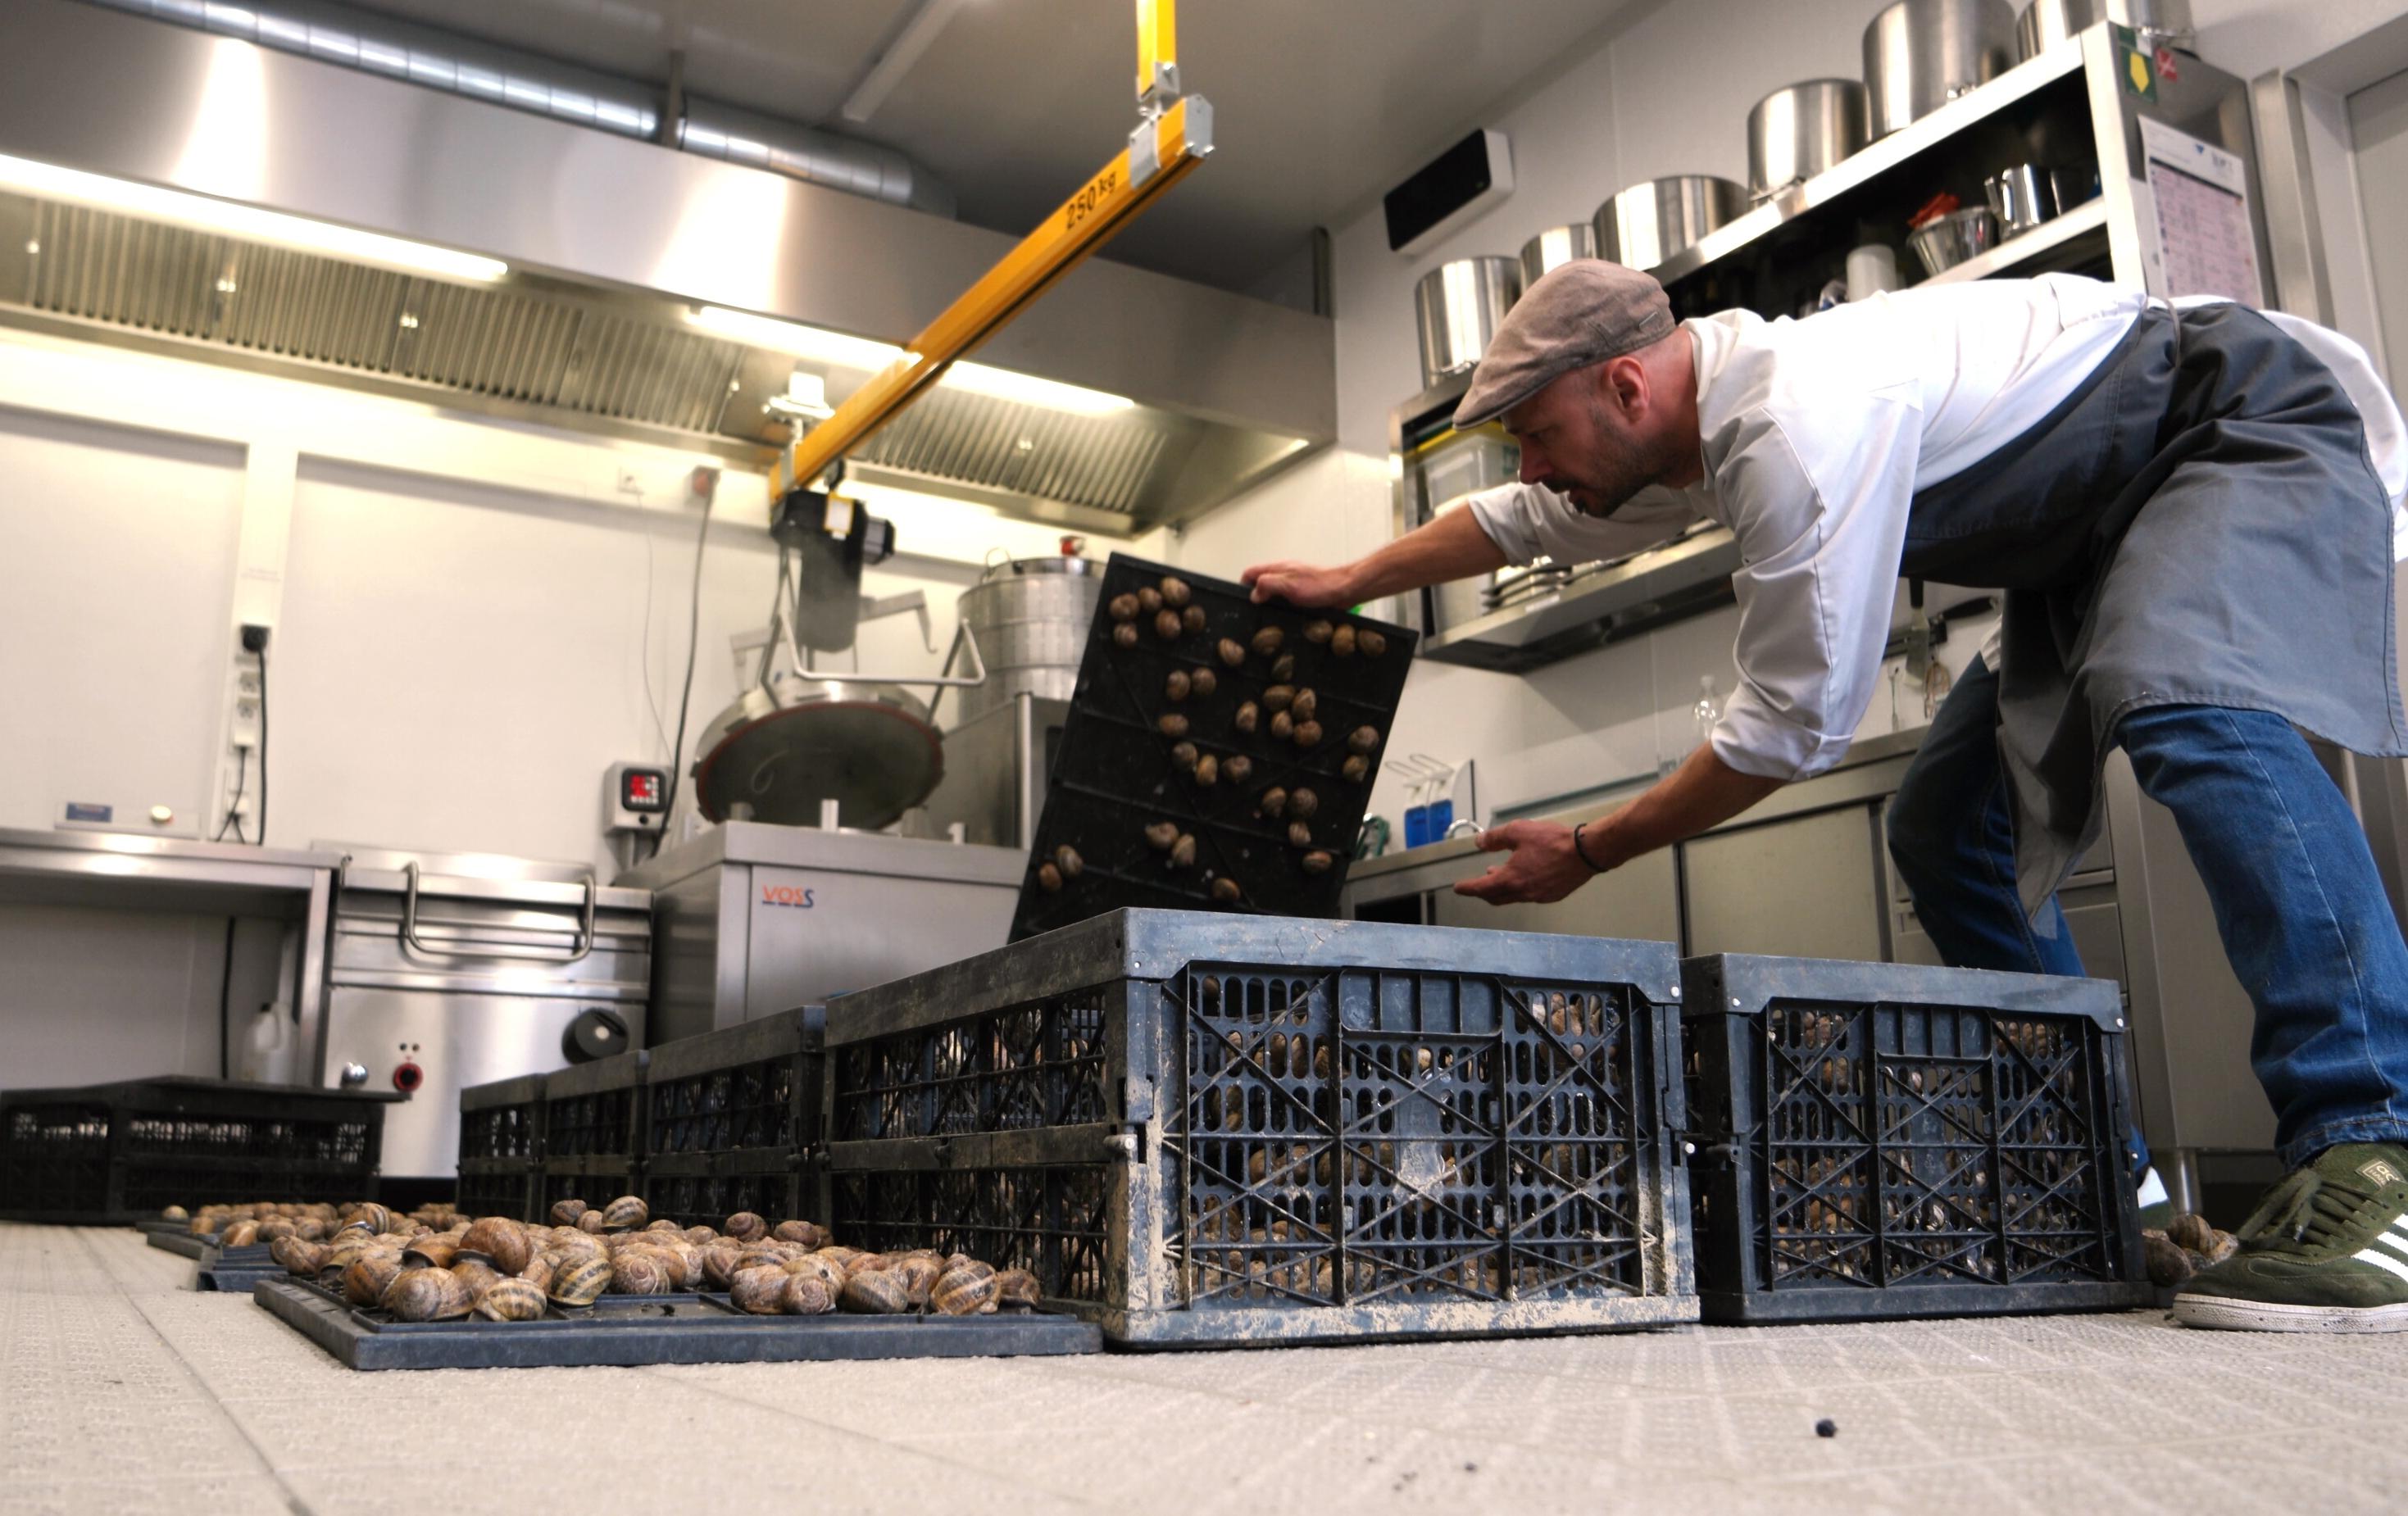 Schnecken in Trockenruhe in der Produktion, Verarbeitung der Escargots, Farm 2 Table. Die unmittelbare Nähe von Landwirtschaft und Manufaktur ist positiv für Qualität und Nachhaltigkeit. Hygienerichtlinien und Auflagen werden alle erfüllt.